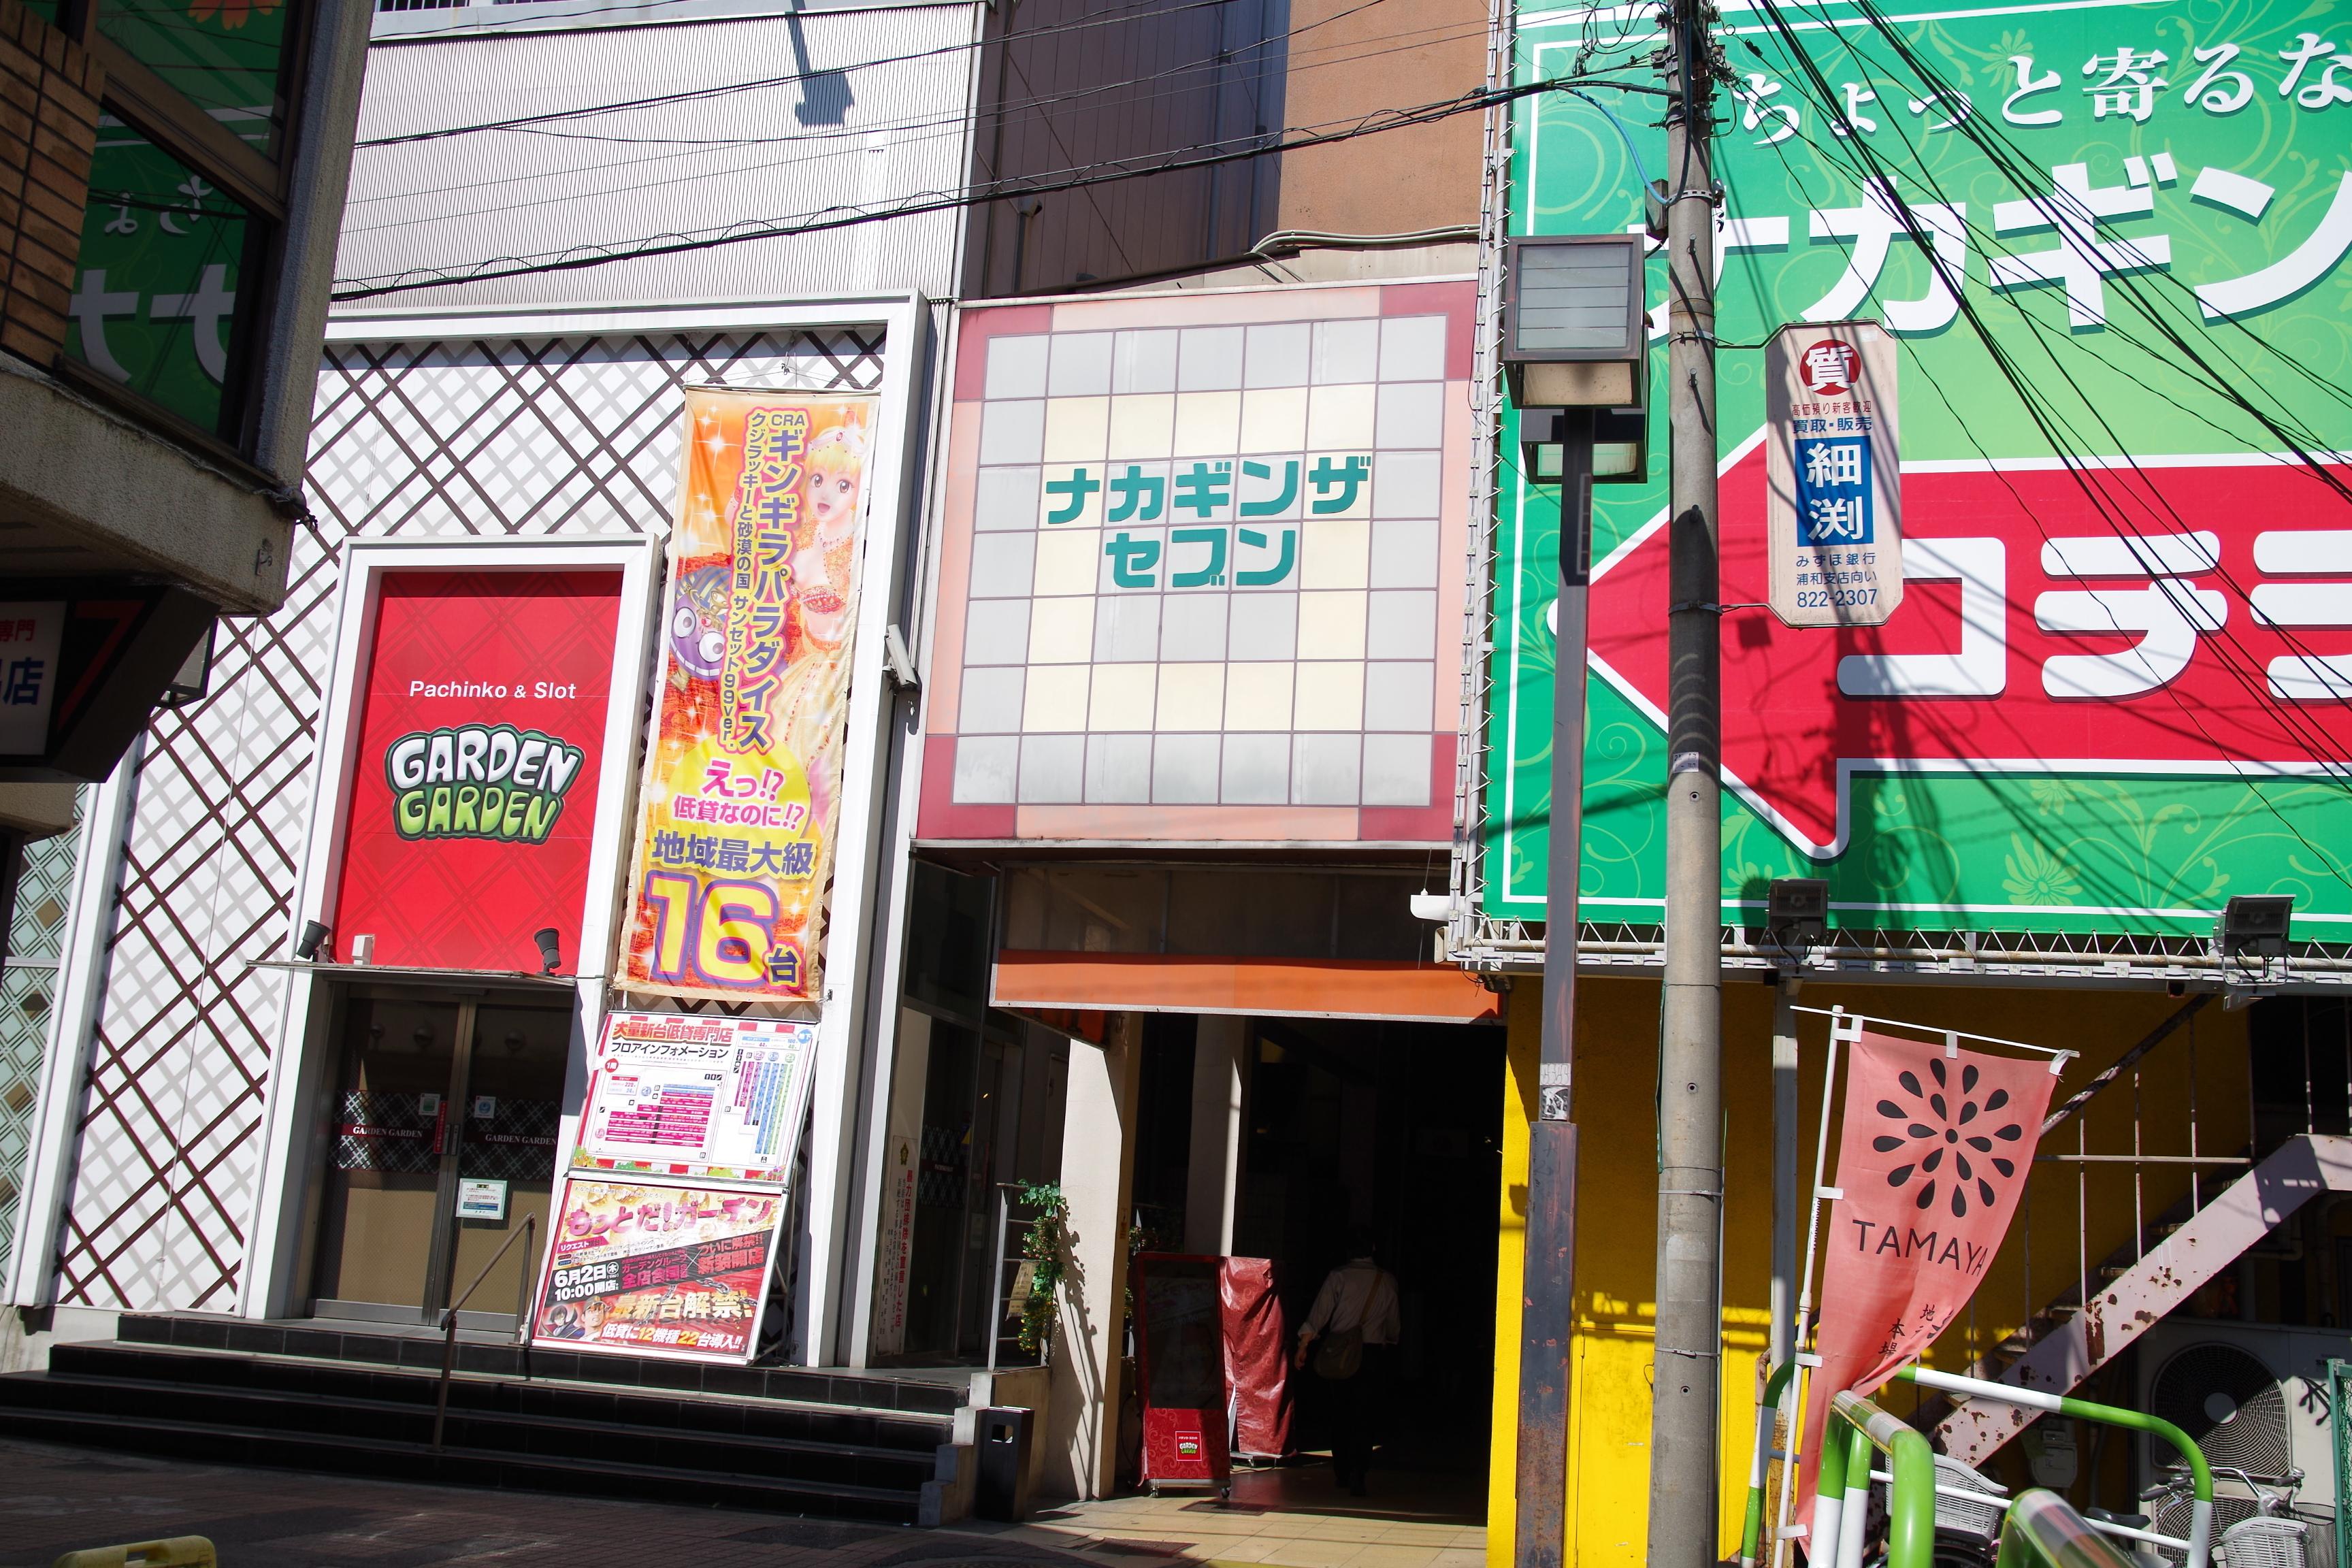 浦和駅西口にある「ナカギンザセブン通り」